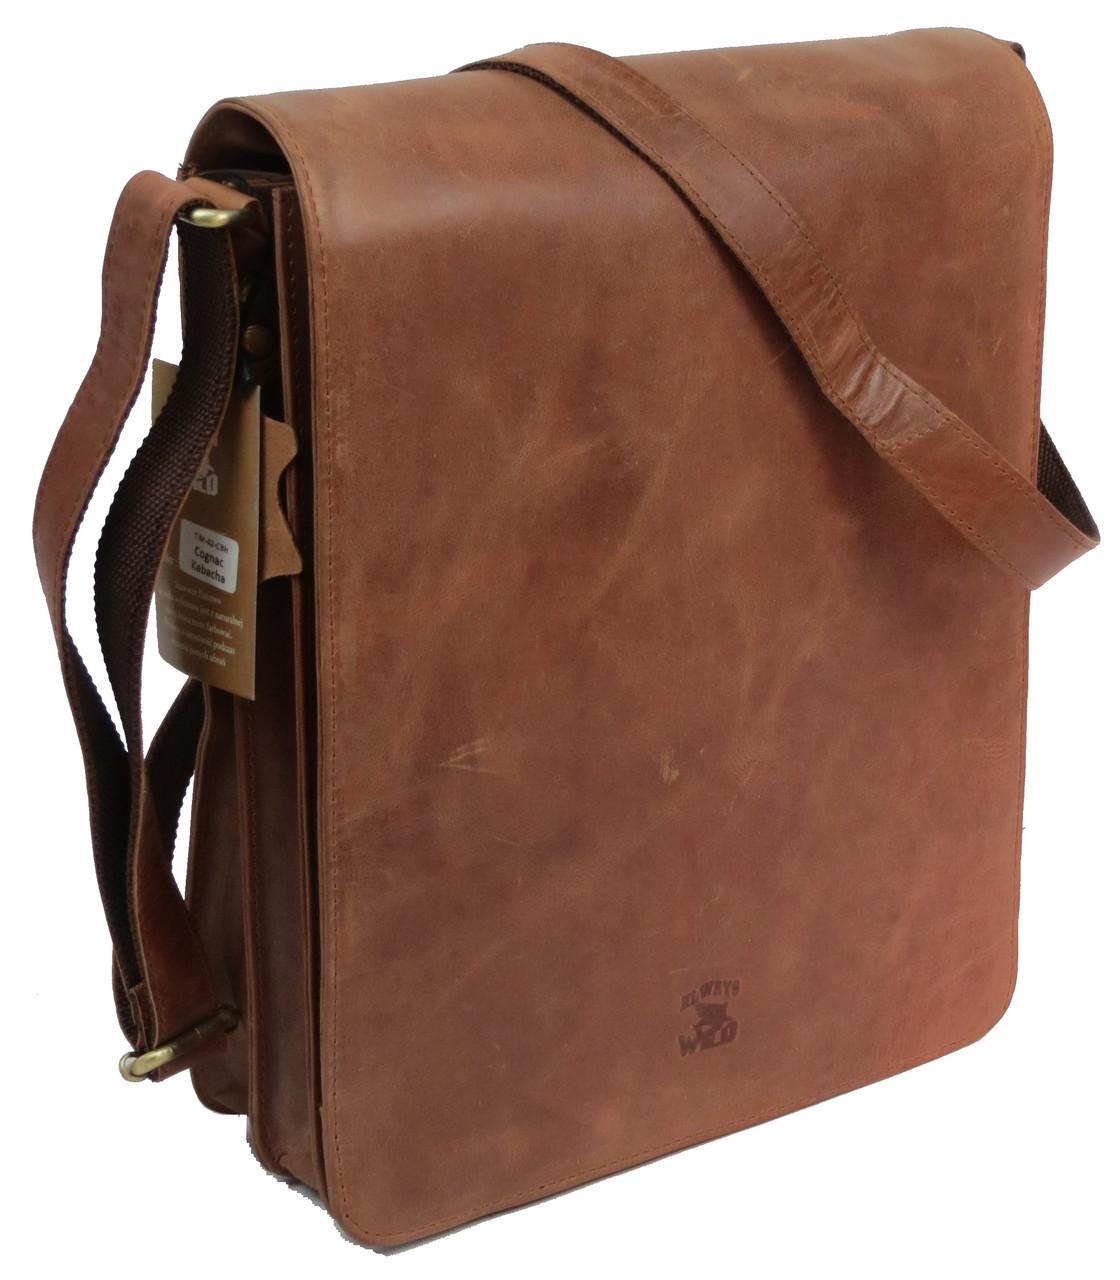 Мужская кожаная сумка планшетка Always Wild TIM-42 Cognac